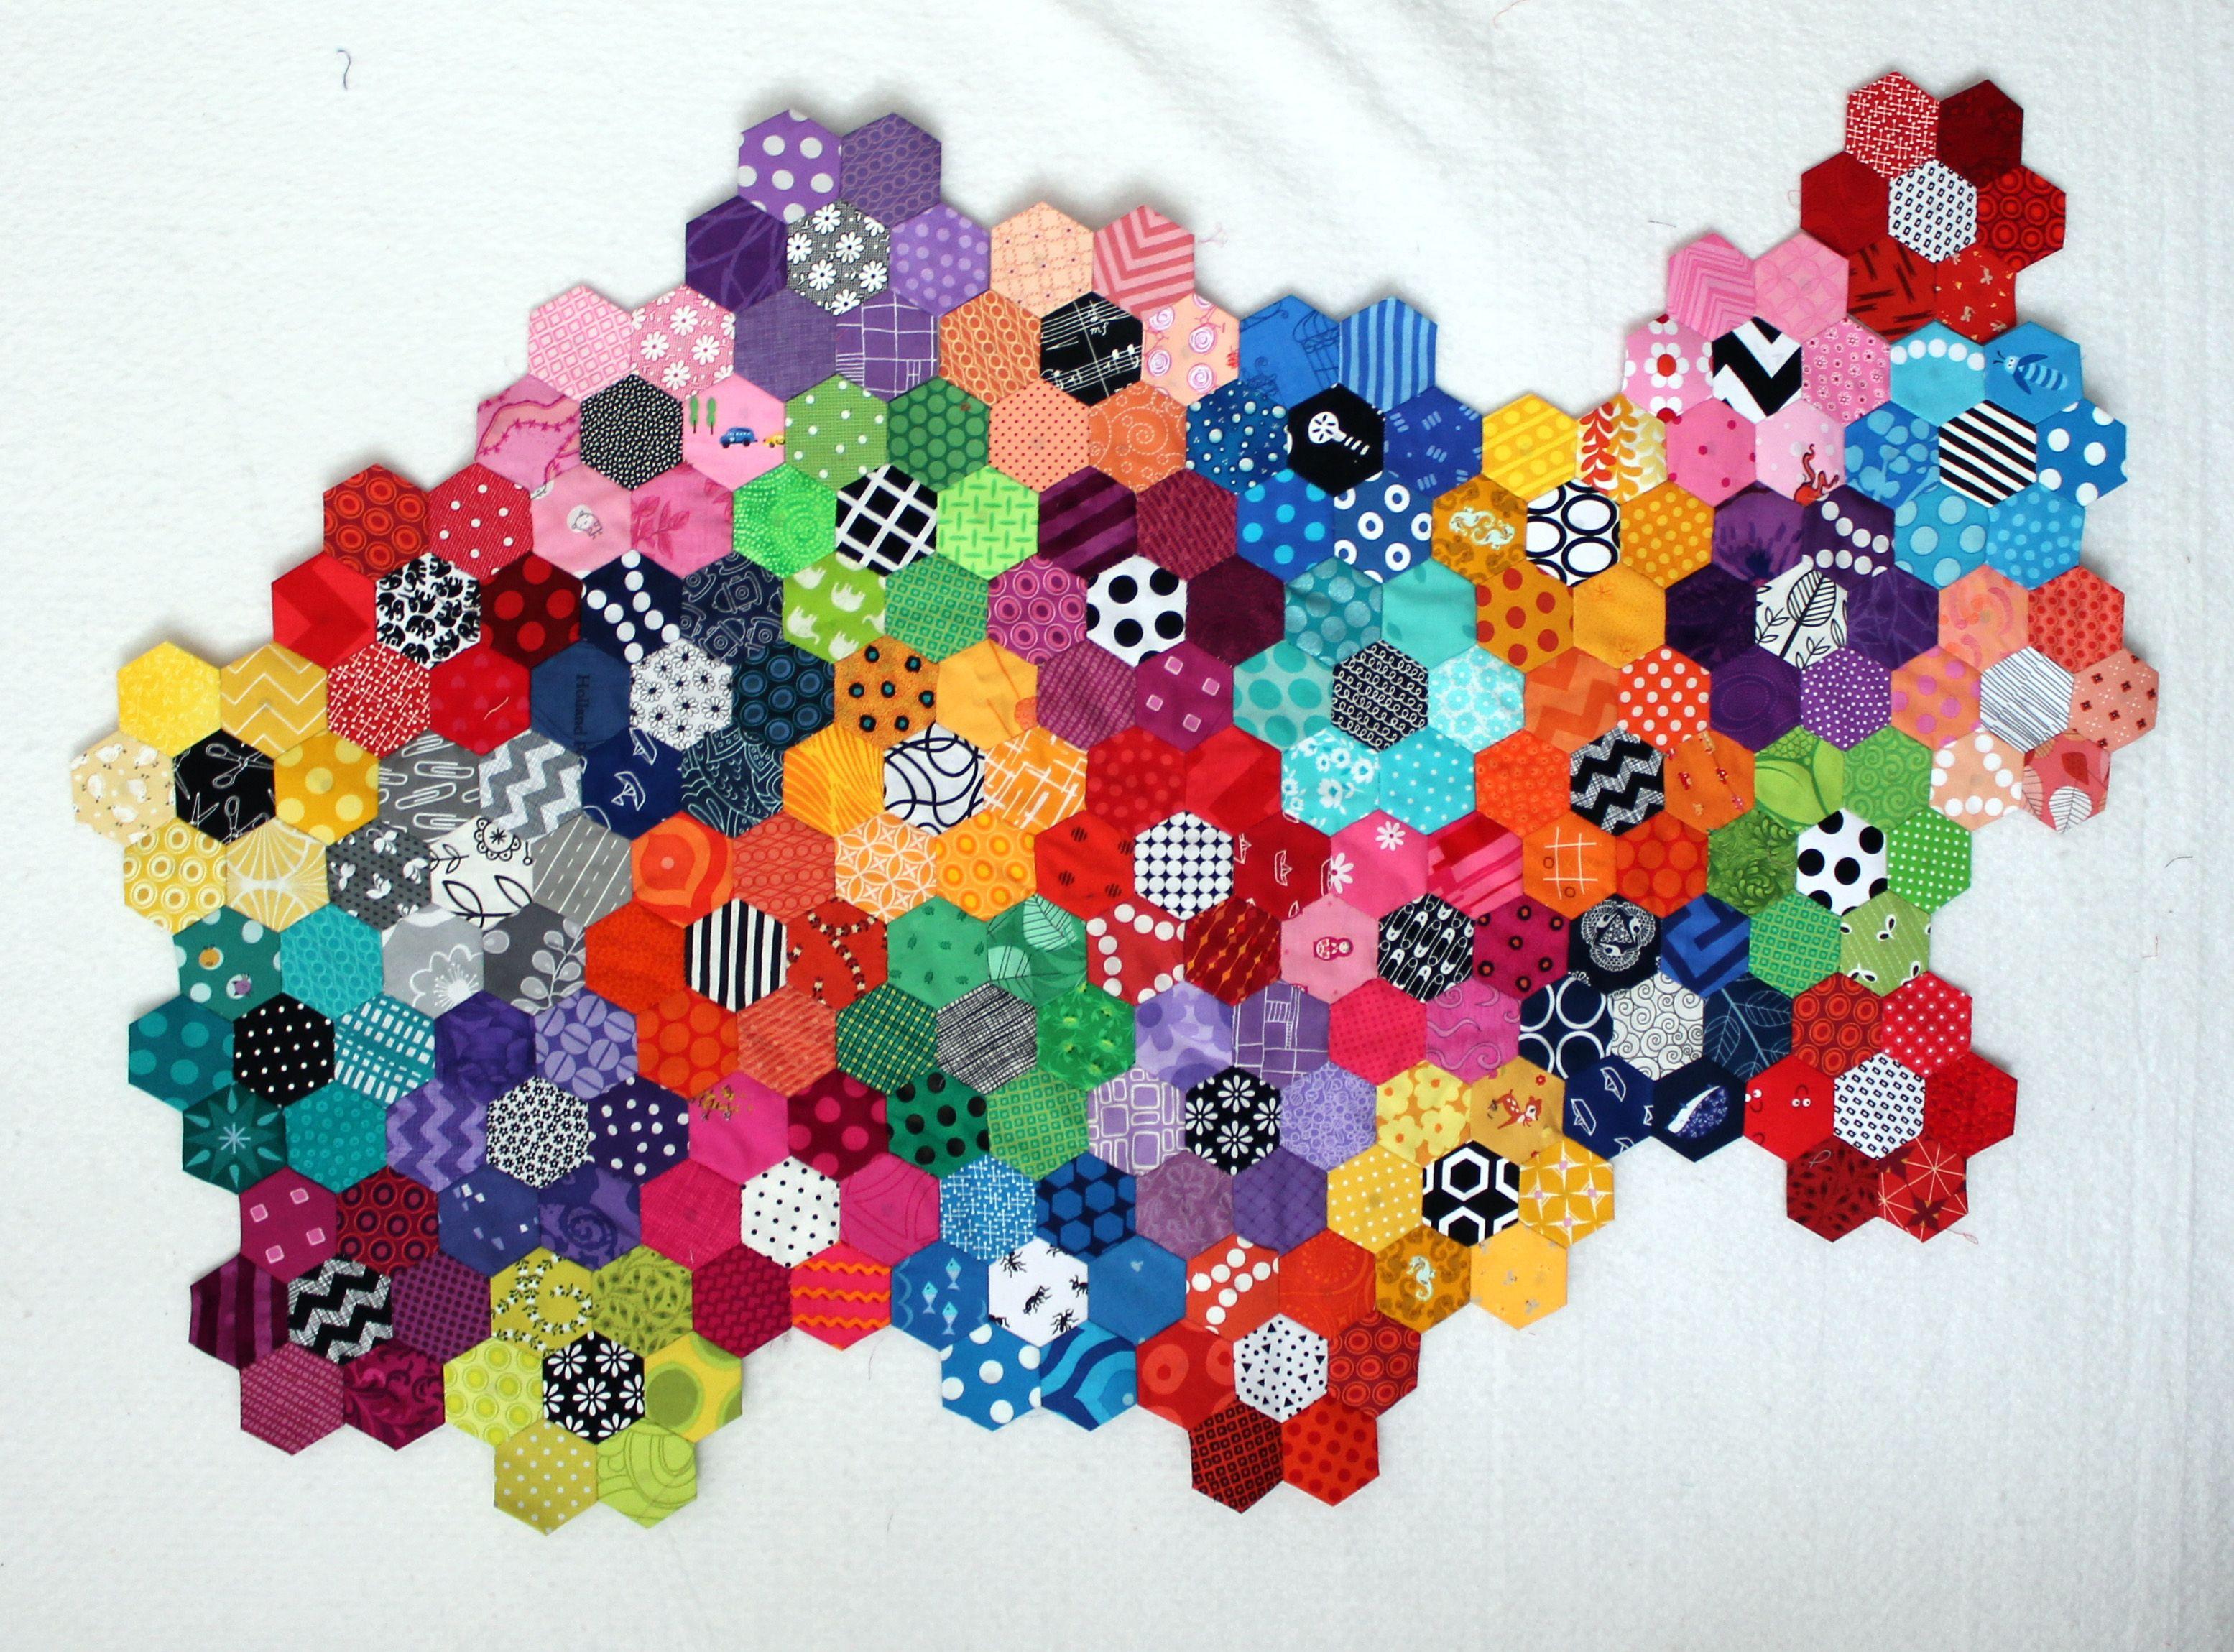 Scrap quilts – WOMBAT QUILTS | Holy Scrap! | Pinterest | Hexagon ... : hexagon quilts patterns - Adamdwight.com